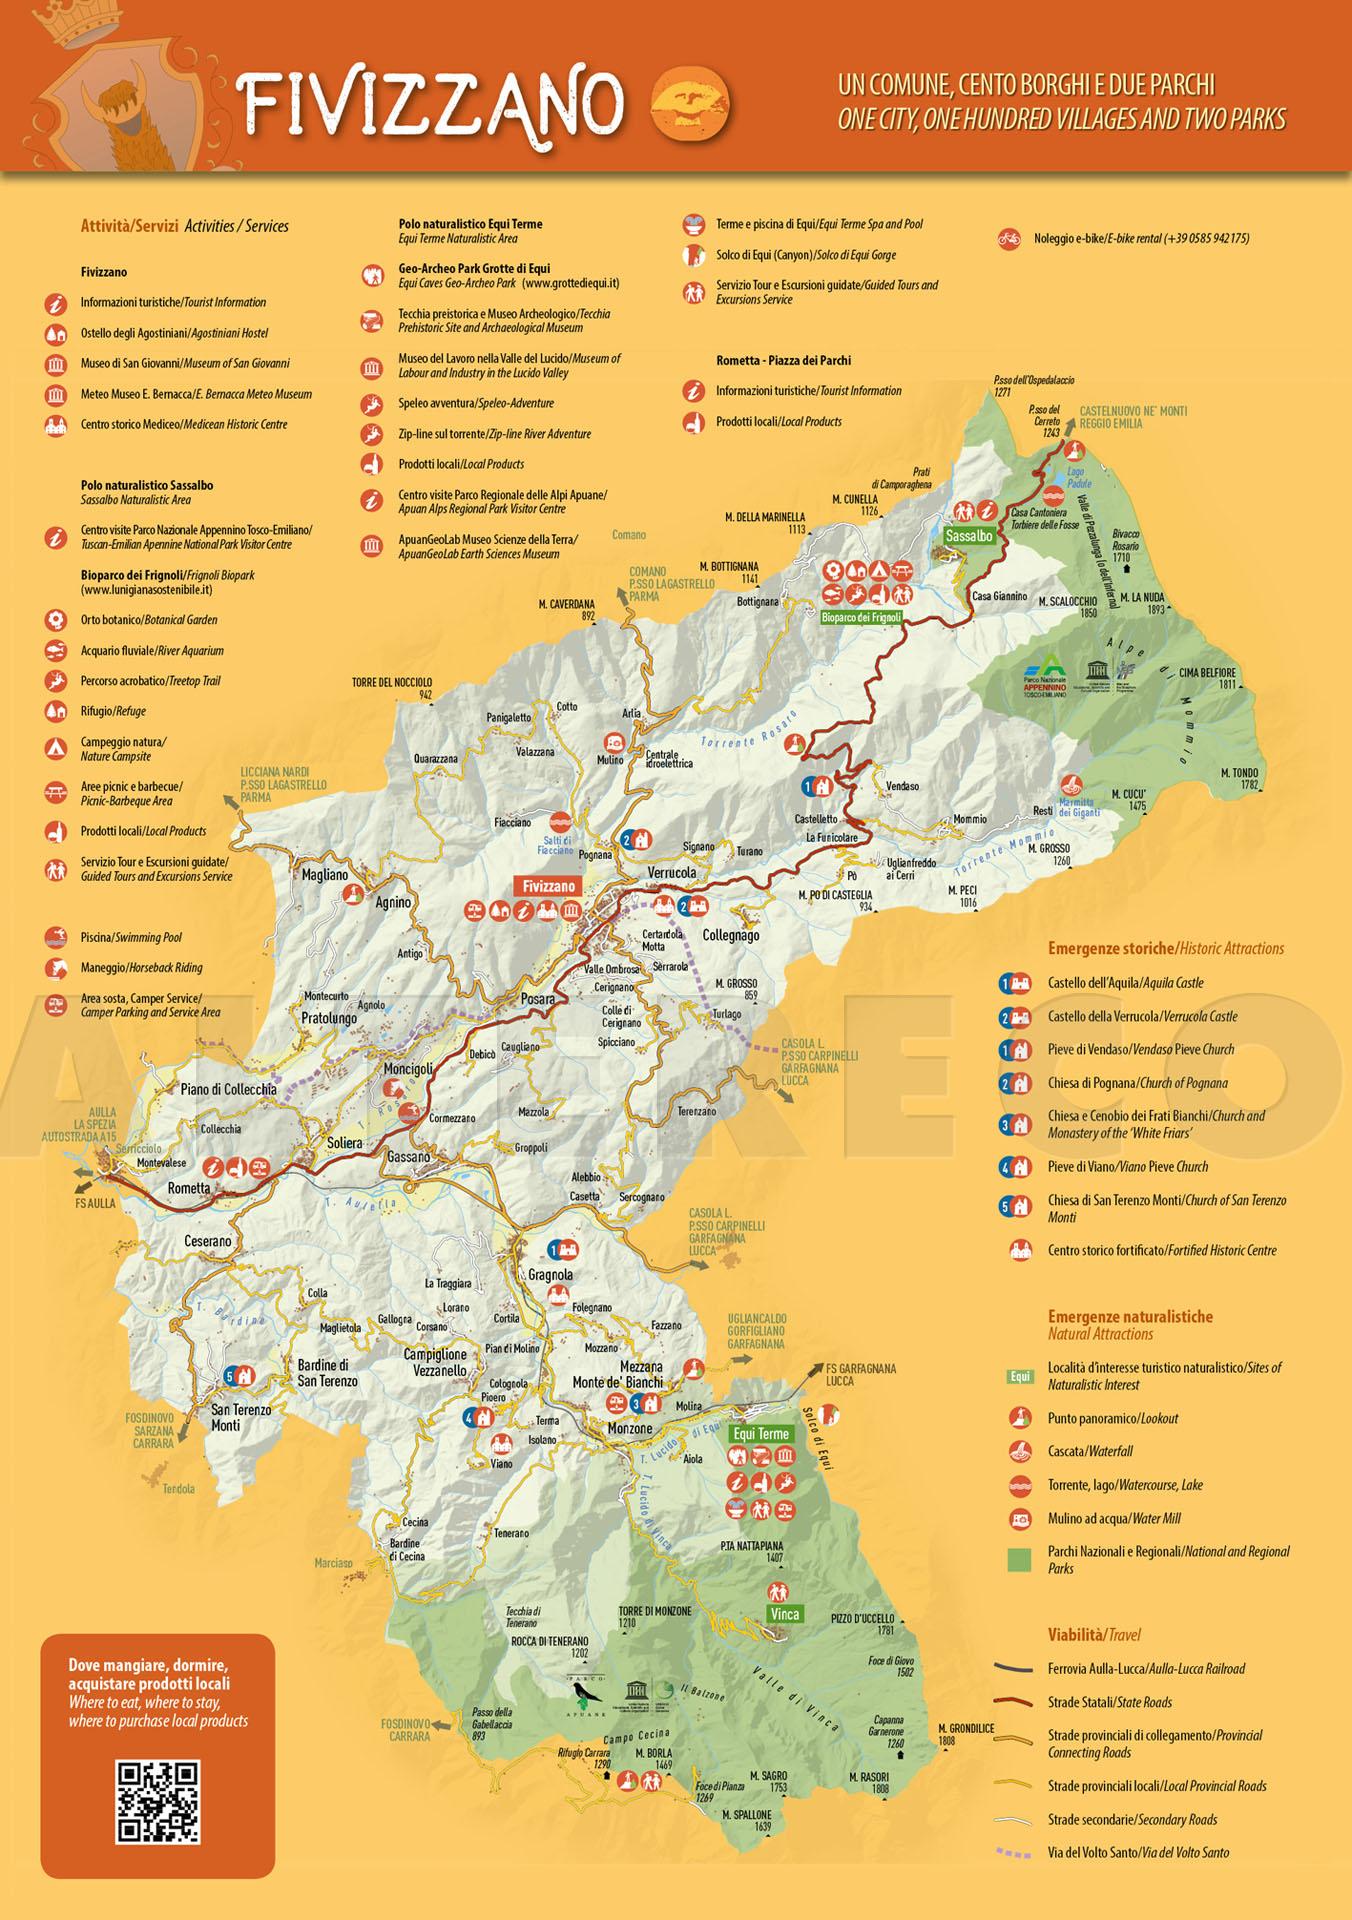 La carta turistica del Comune di Fivizzano